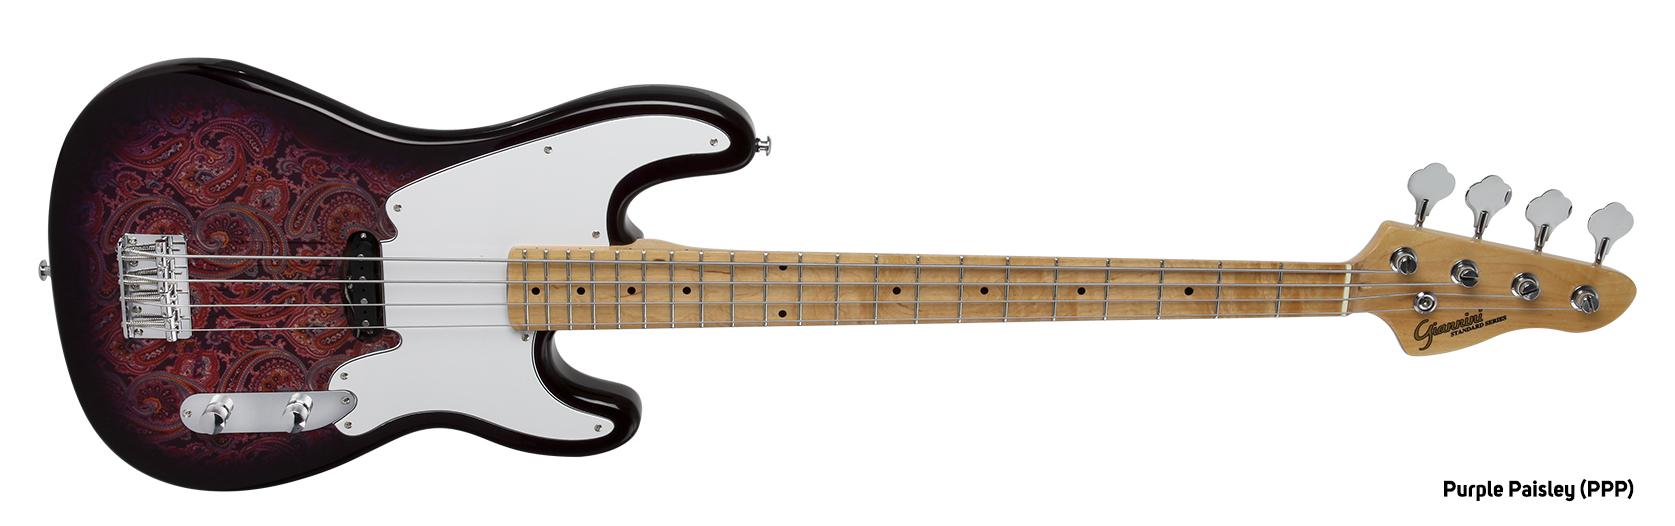 Review de um Viola Bass Giannini no Talkbass 115_img.GB-3V%20PPP